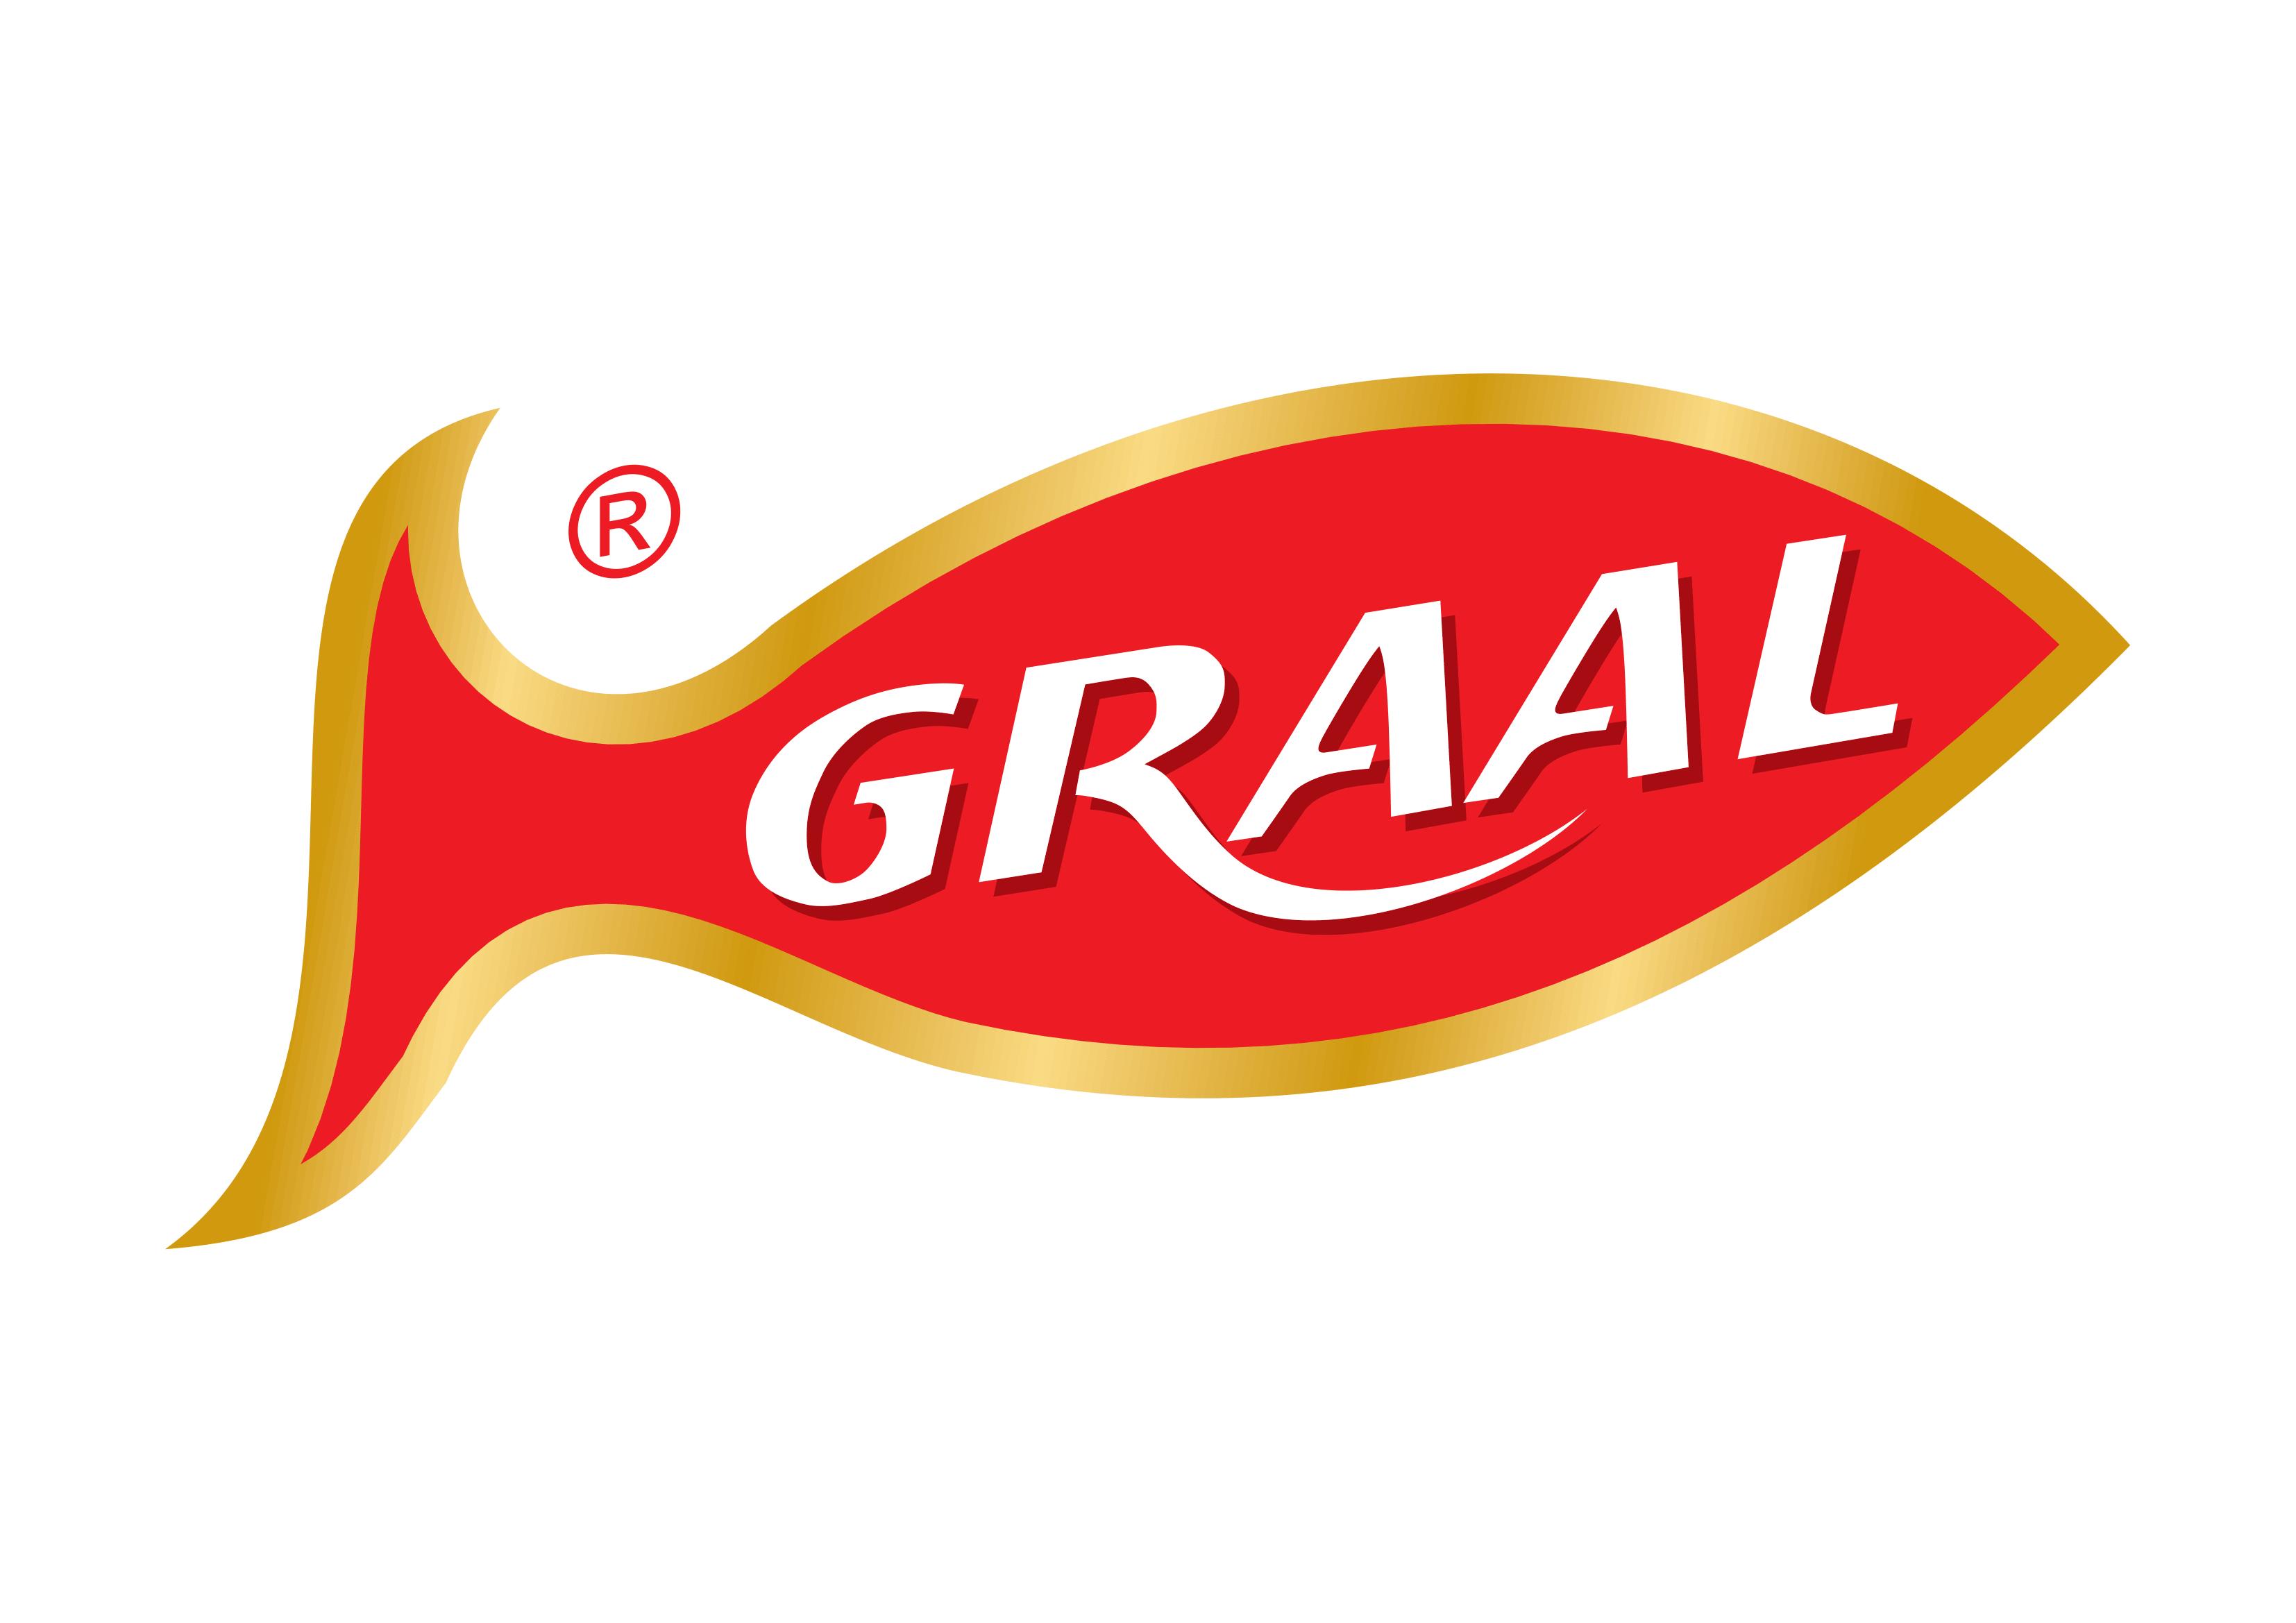 Graal_LOGO-1